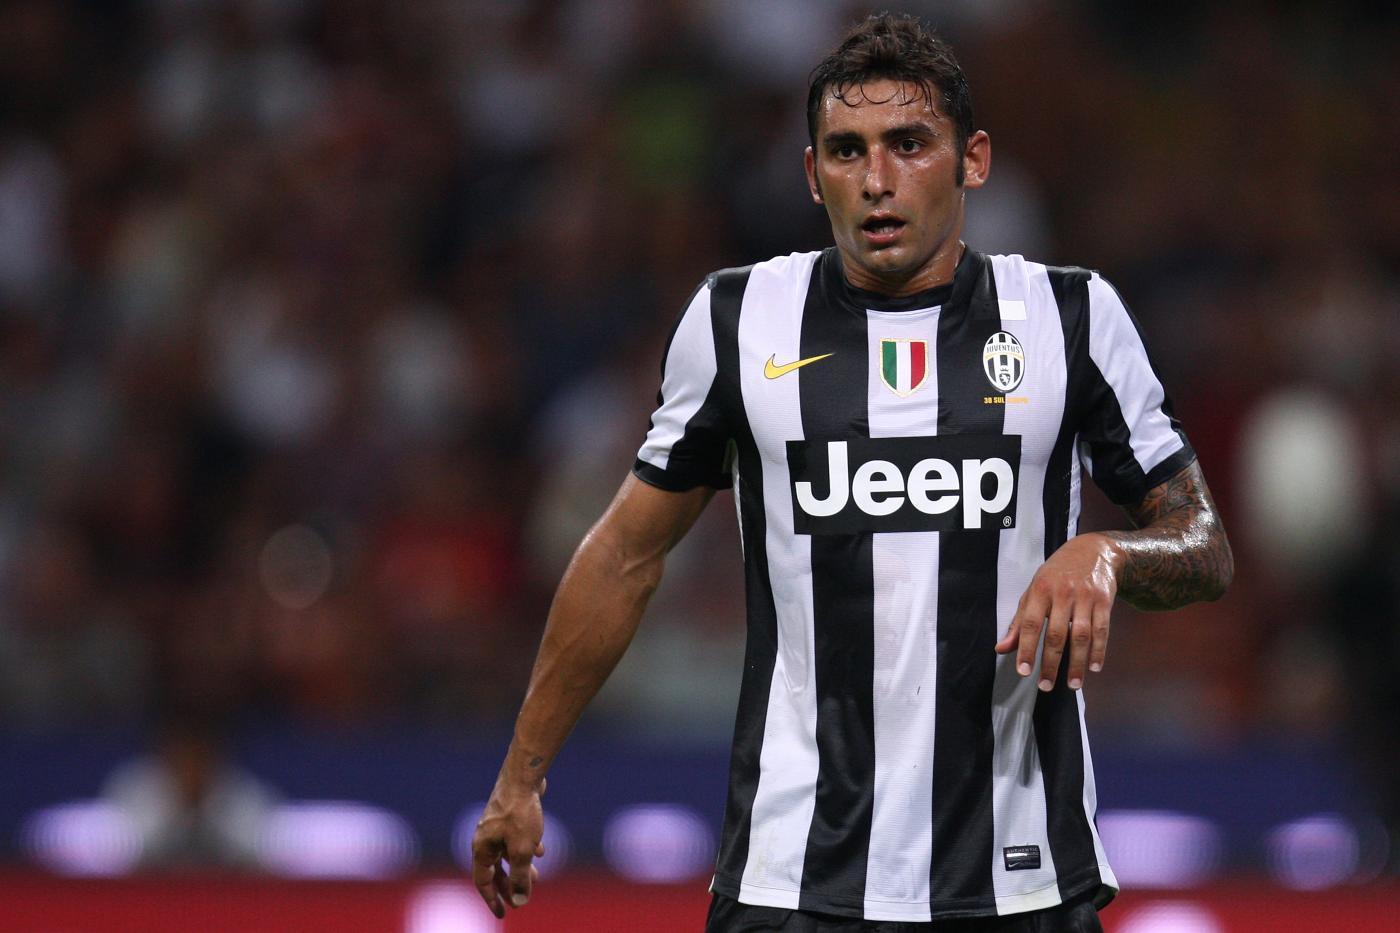 Michele Pazienza, arrivato alla Juve nel 2011 e ceduto al Bologna nel 2012 in cambio di 0,5 milioni.